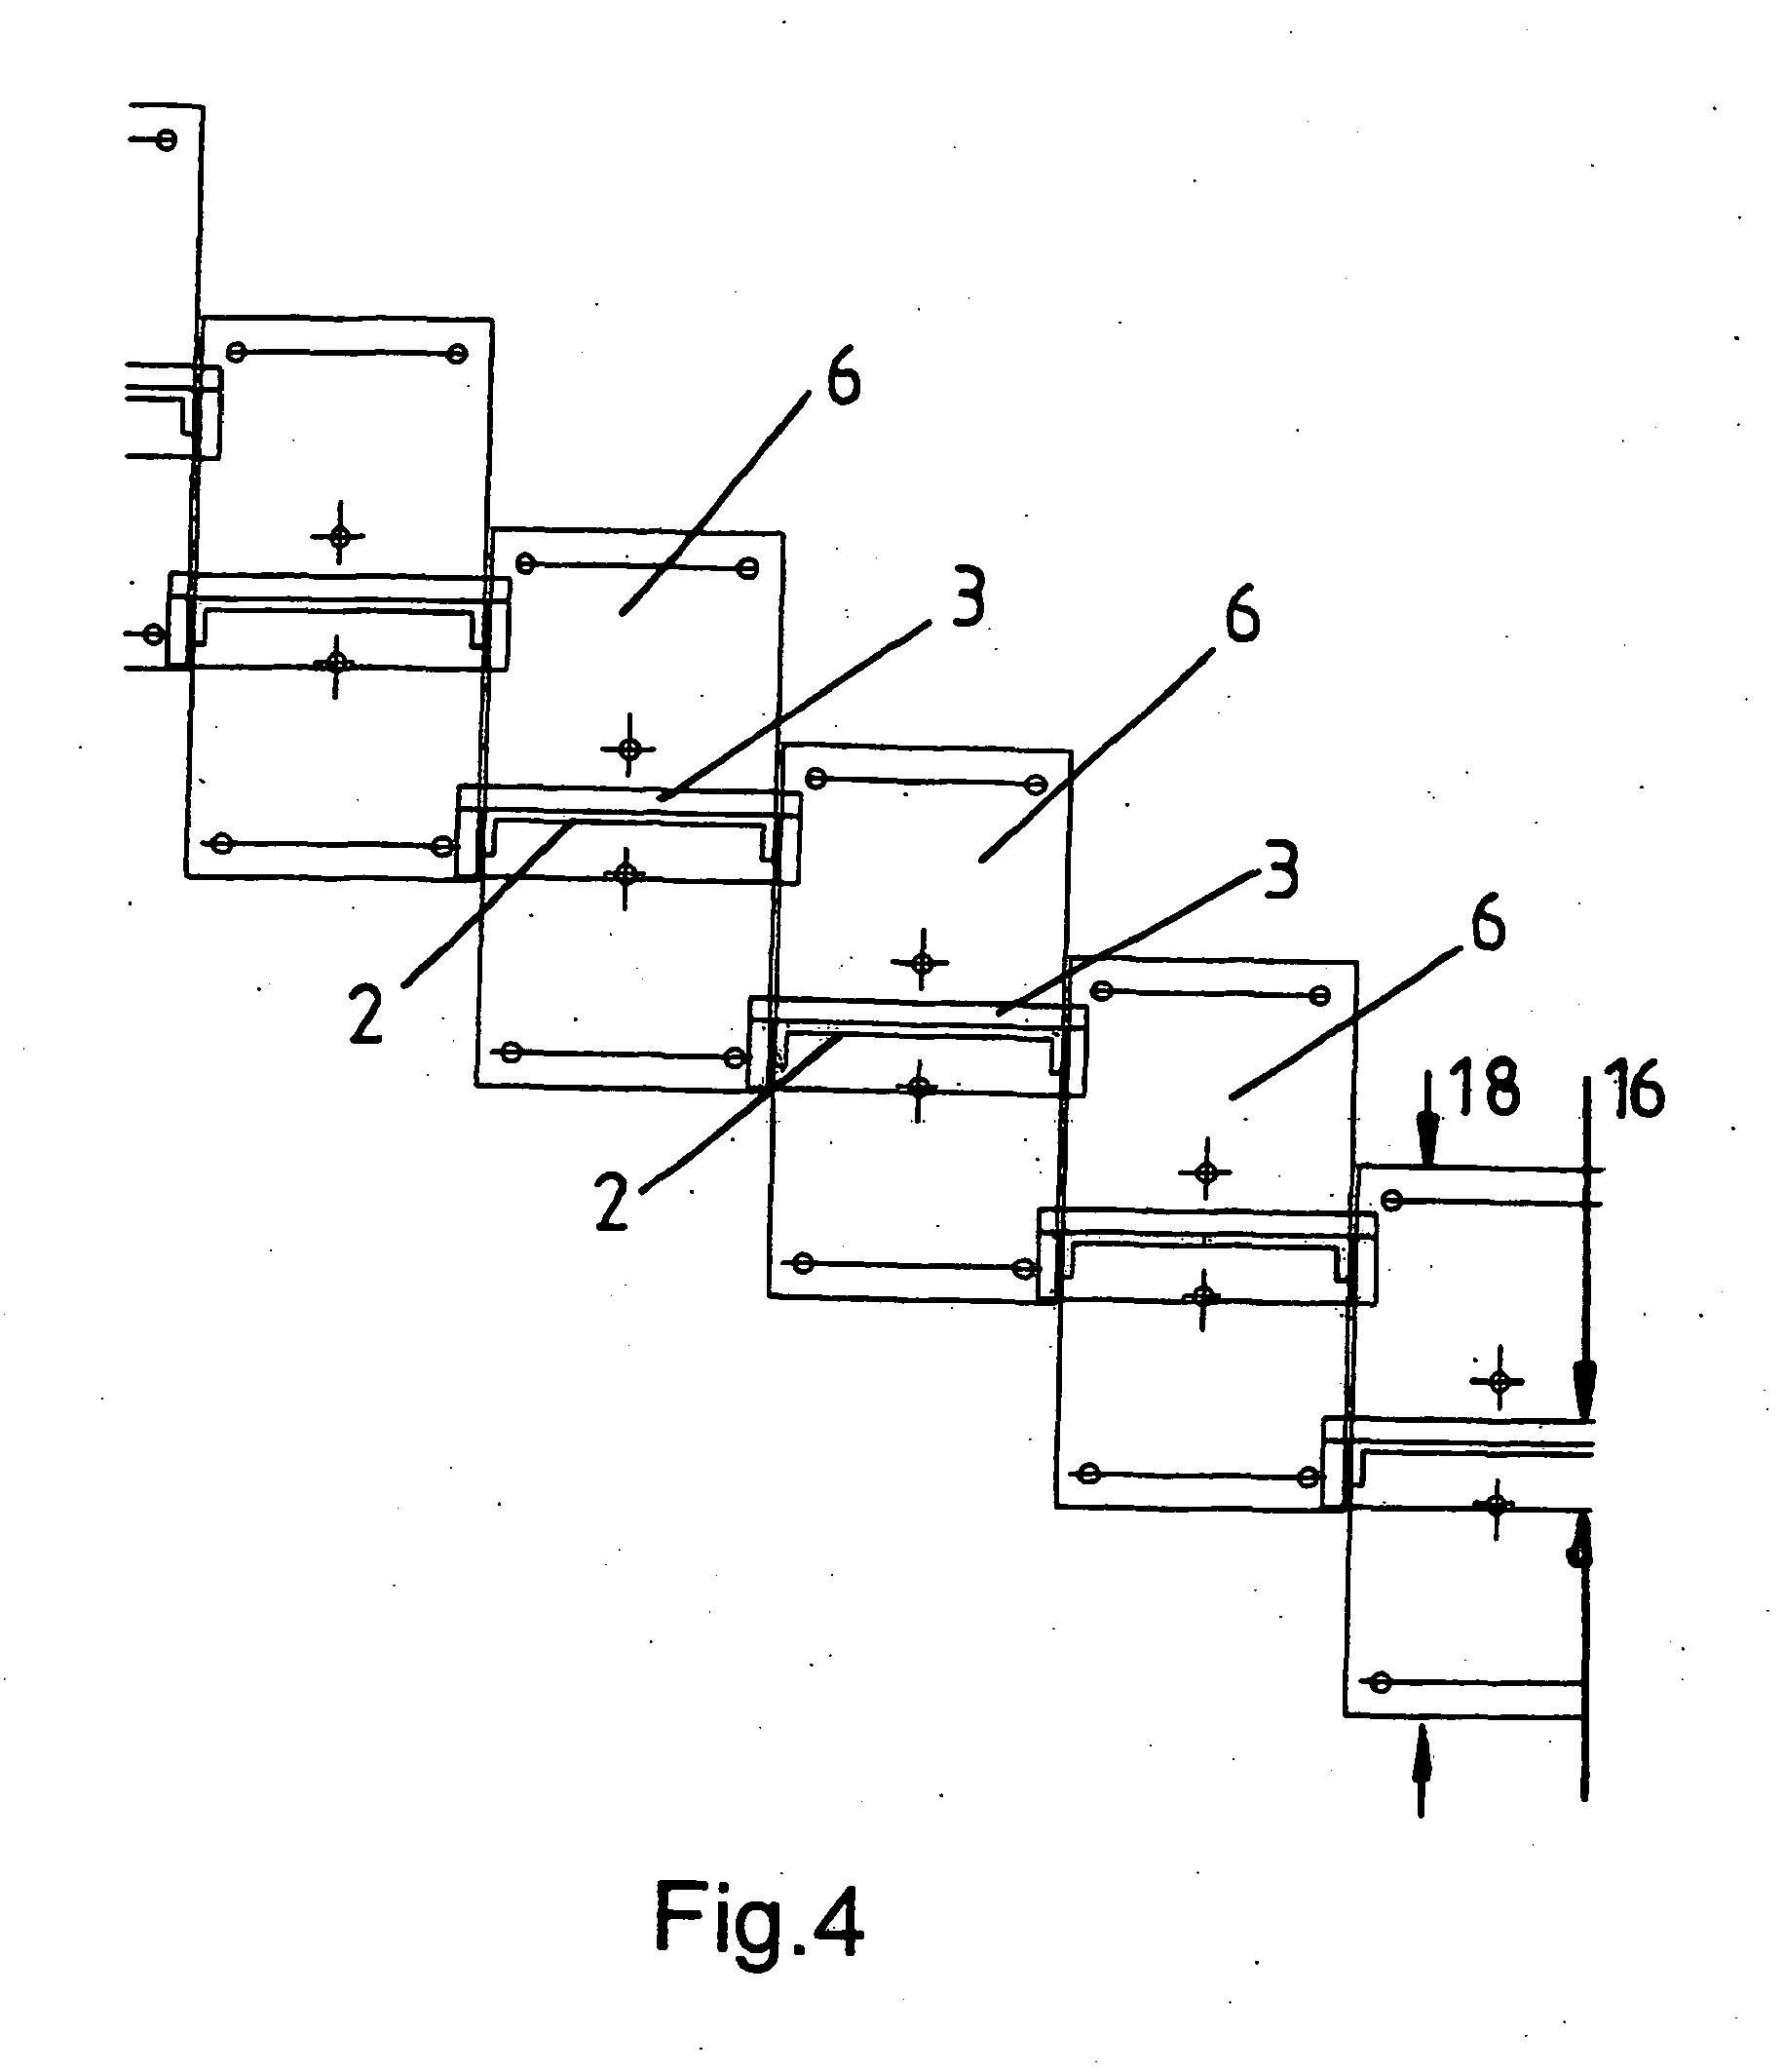 treppe schwebende stufen fotostrecke schwebende stufen bild 8 sch ner wohnen kragarmtreppe. Black Bedroom Furniture Sets. Home Design Ideas